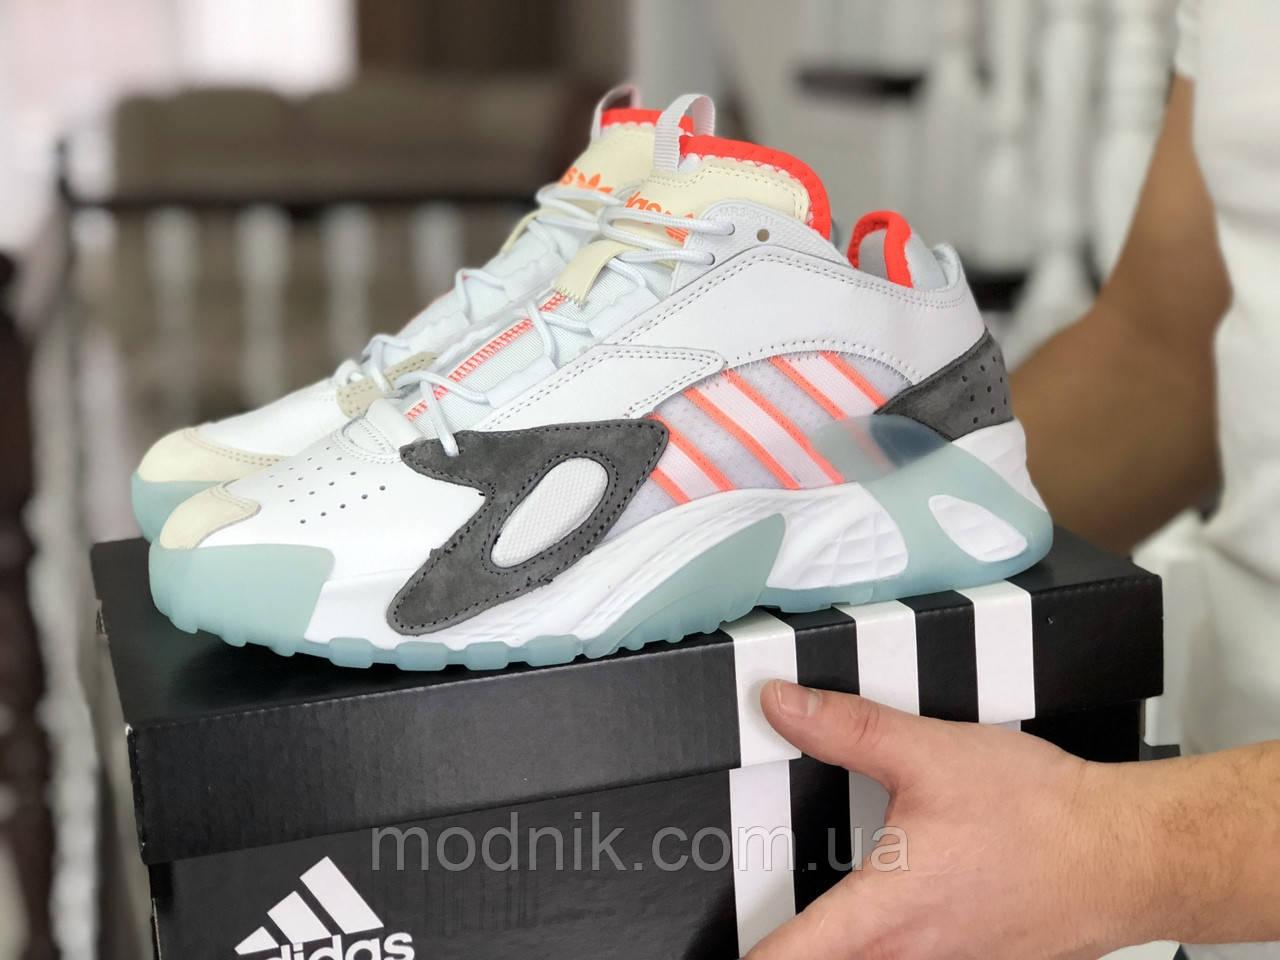 Мужские кроссовки Adidas Streetball (бело-оранжевые)